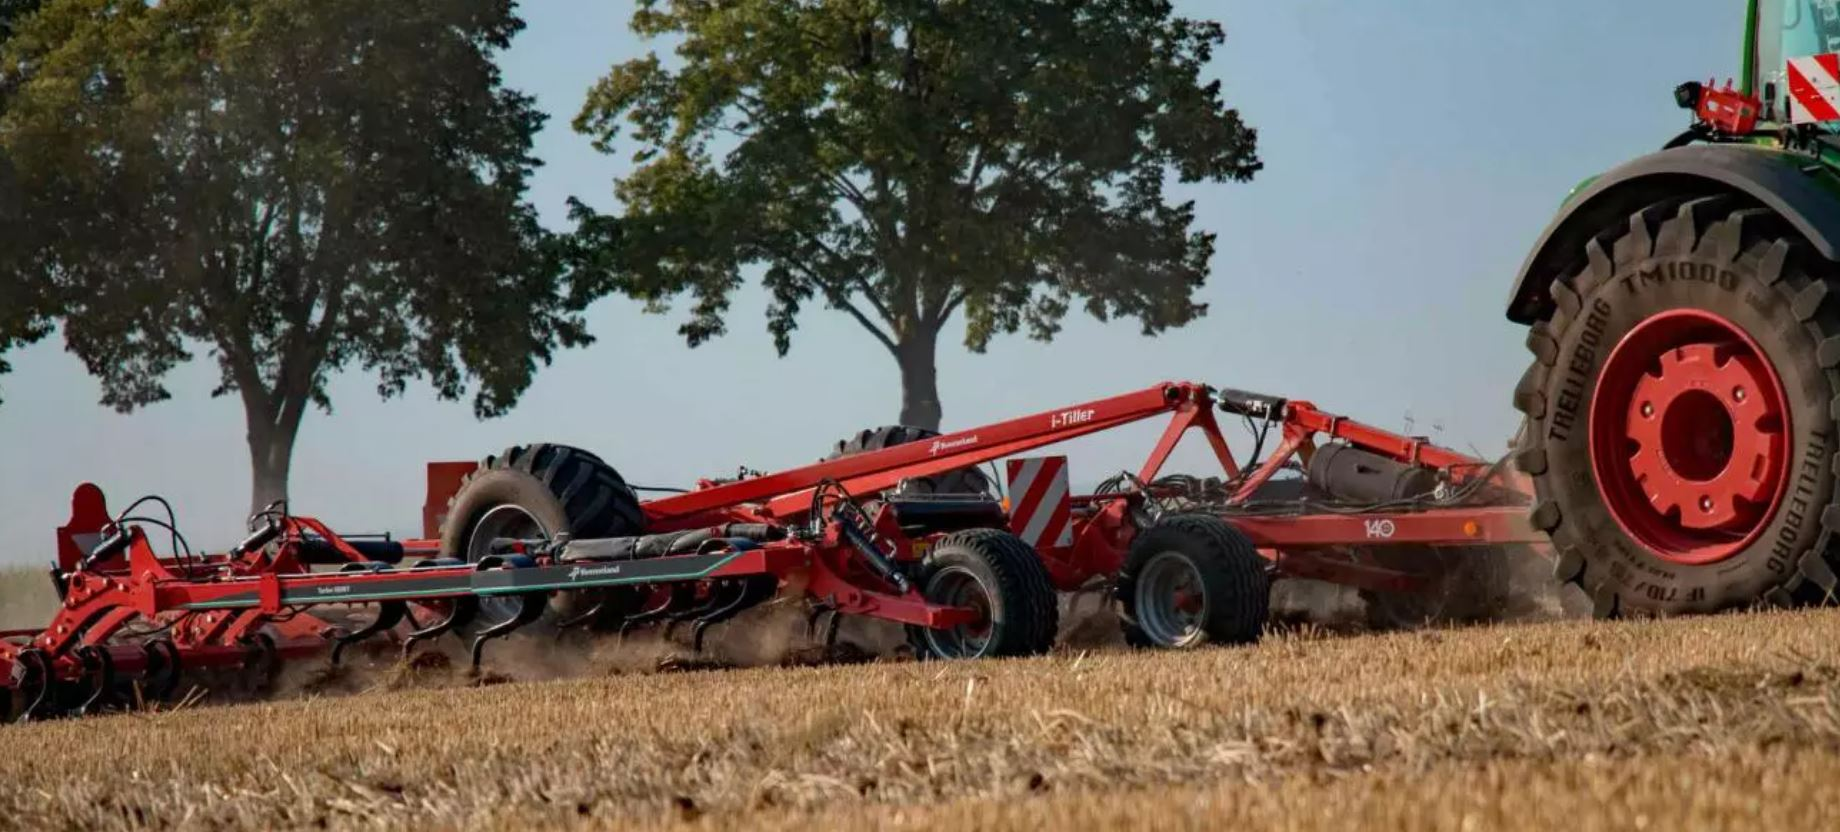 Plafonarea subvențiilor europene – Cine pierde? Statele membre vor aplica o plafonare de până la 500.000 de euro la plăți directe. Stiri agricole